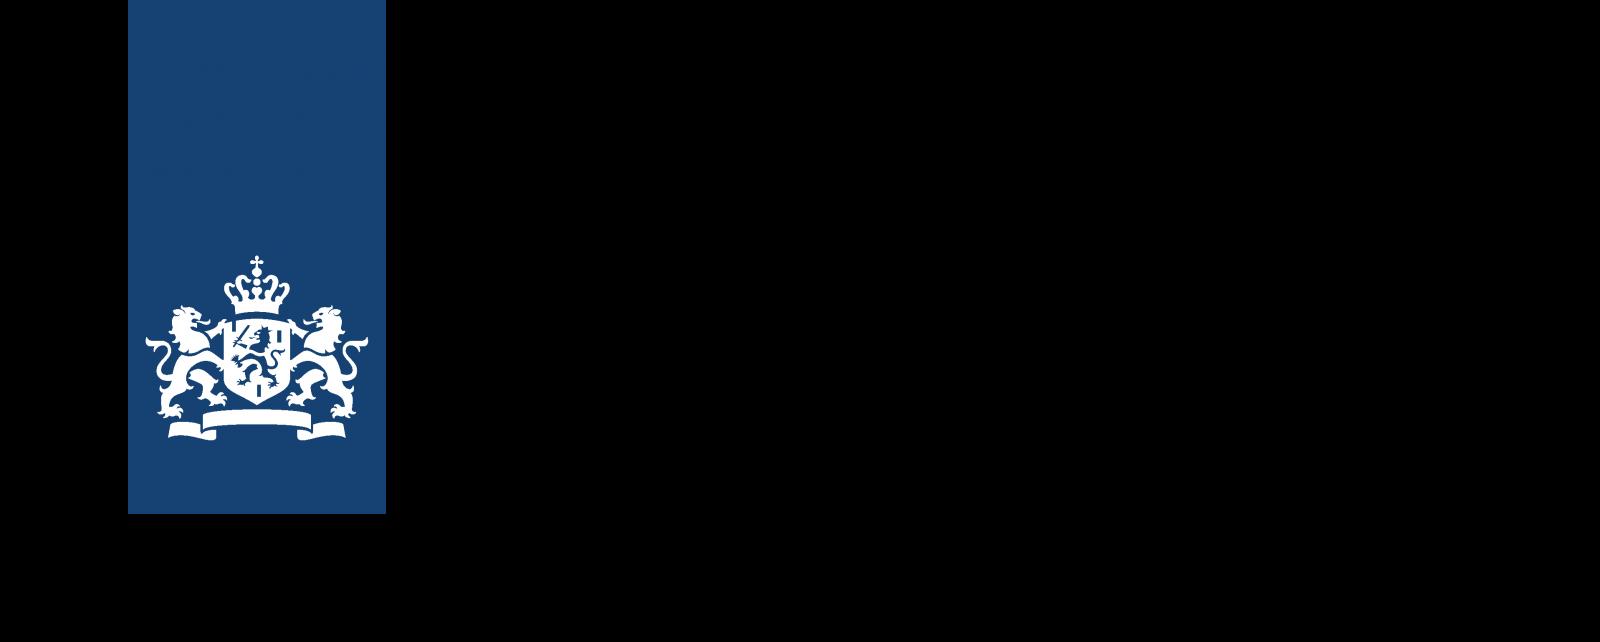 Afbeeldingsresultaat voor vws logo